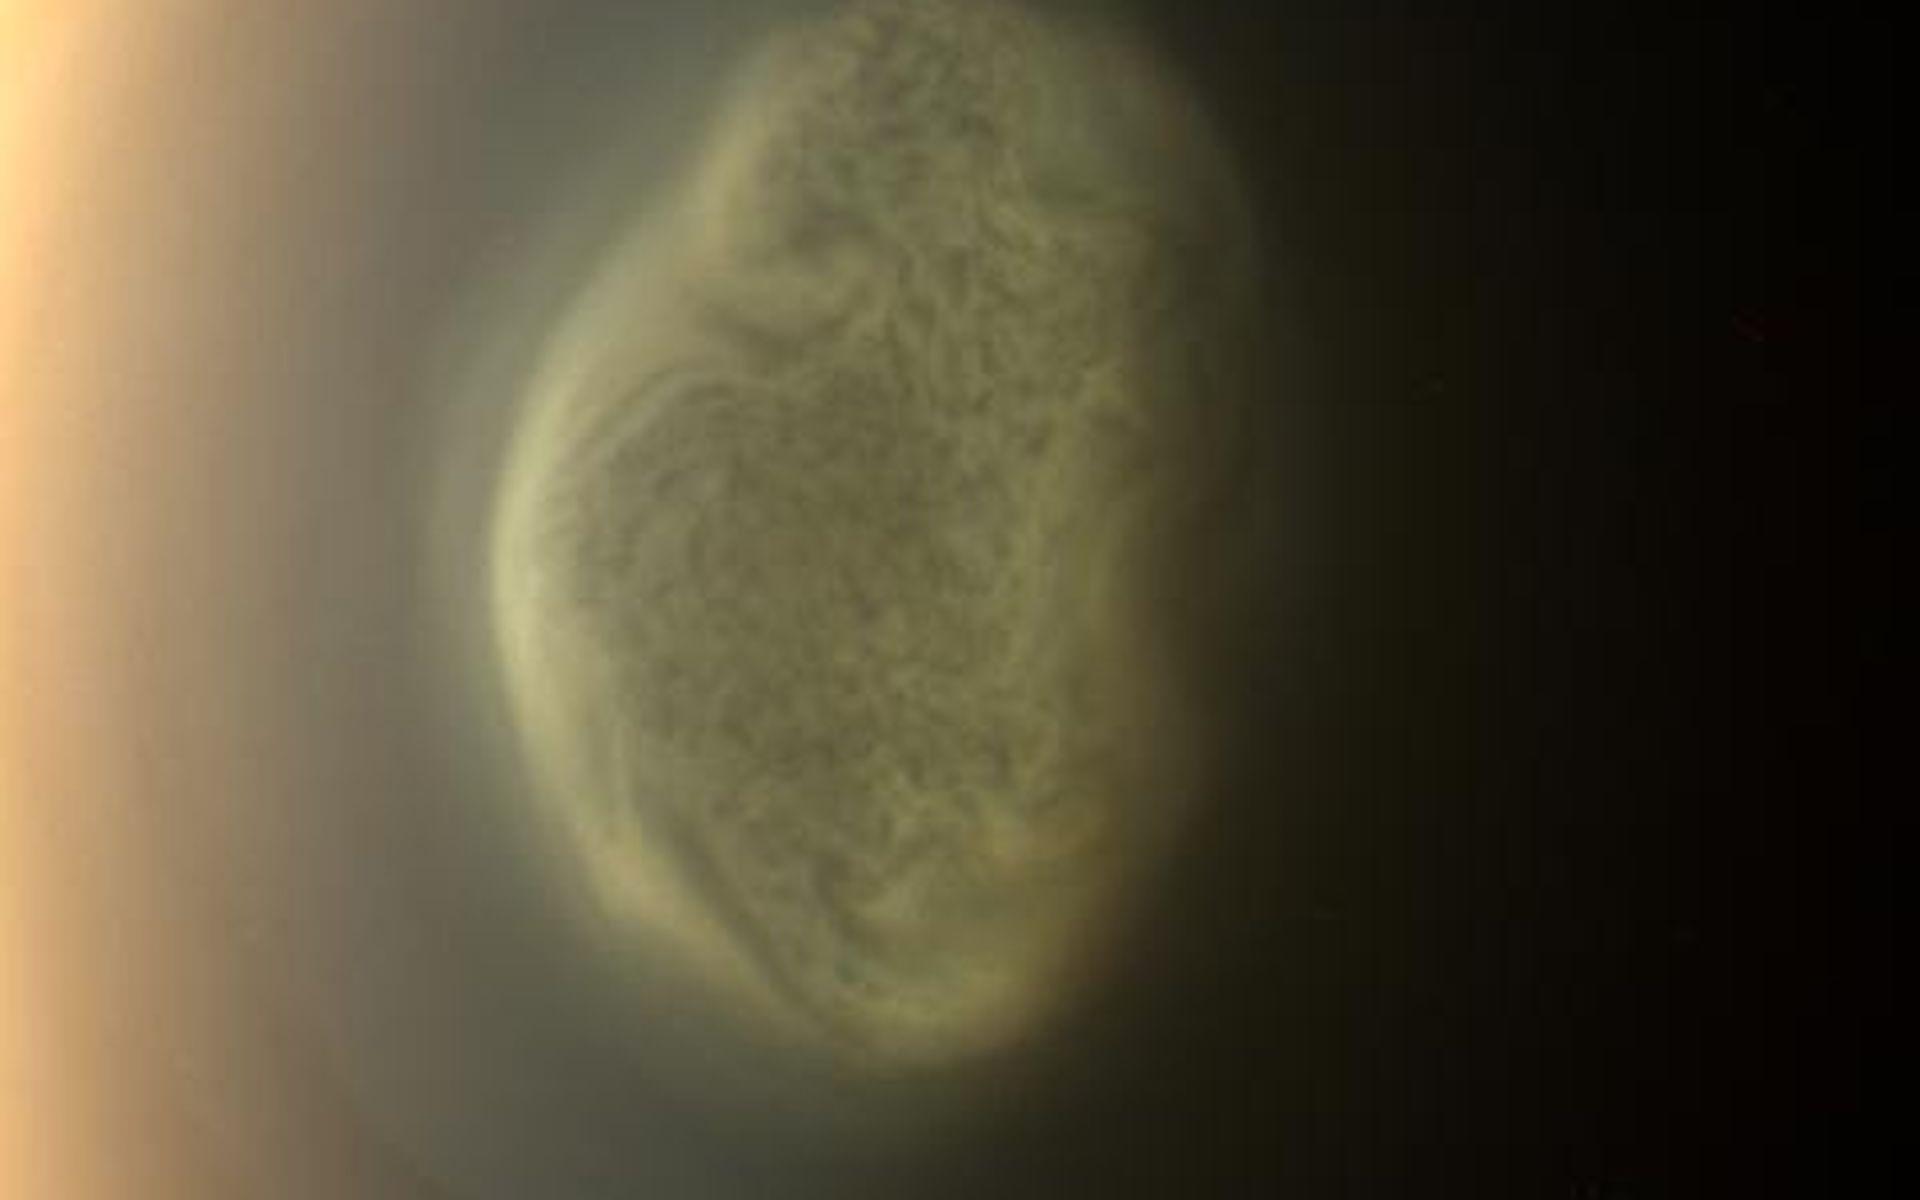 Południowy biegun Tytana – kłębowisko chmur lub gazowy wir uchwycony przez Cassiniego 27. czerwca 2012 roku.